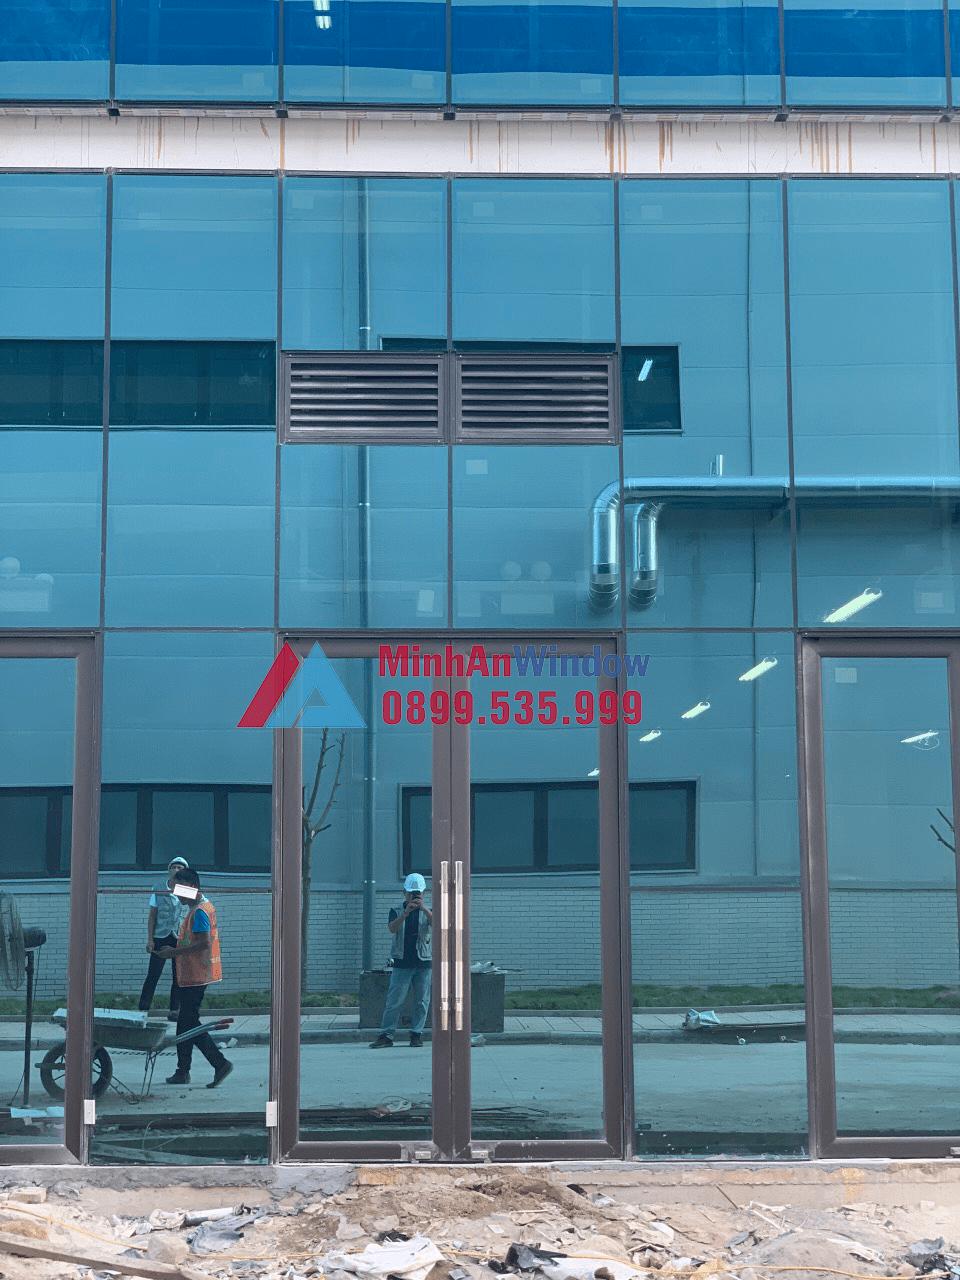 [2021]Thi Công & Lắp Đặt Cửa Nhôm Kính Tại Bắc Ninh 3